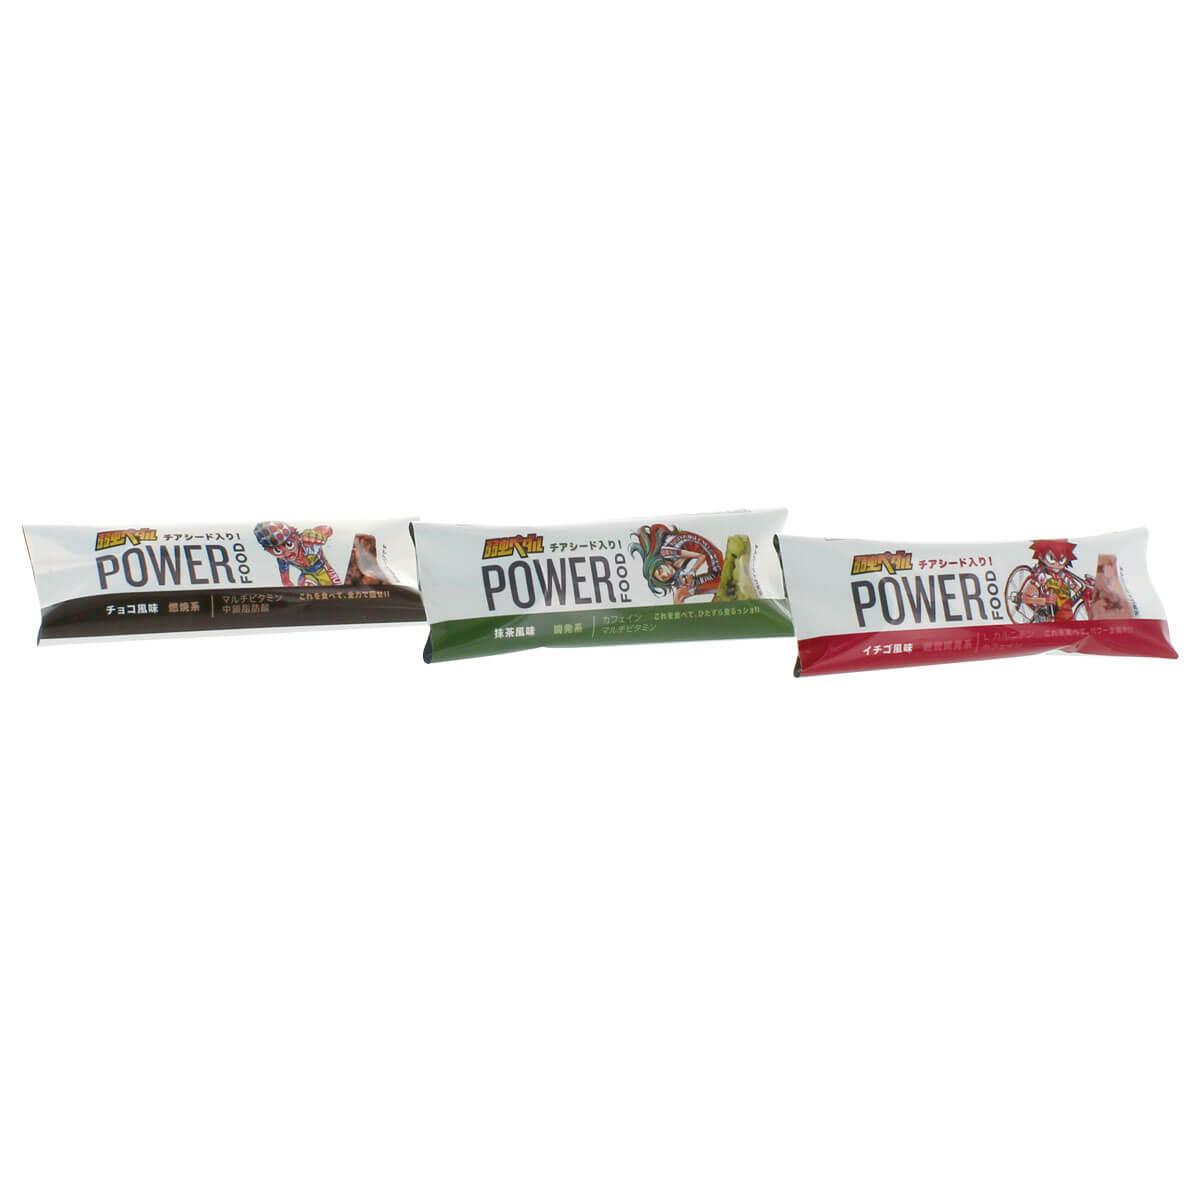 弱虫ペダル POWER FOOD バー3種(2)